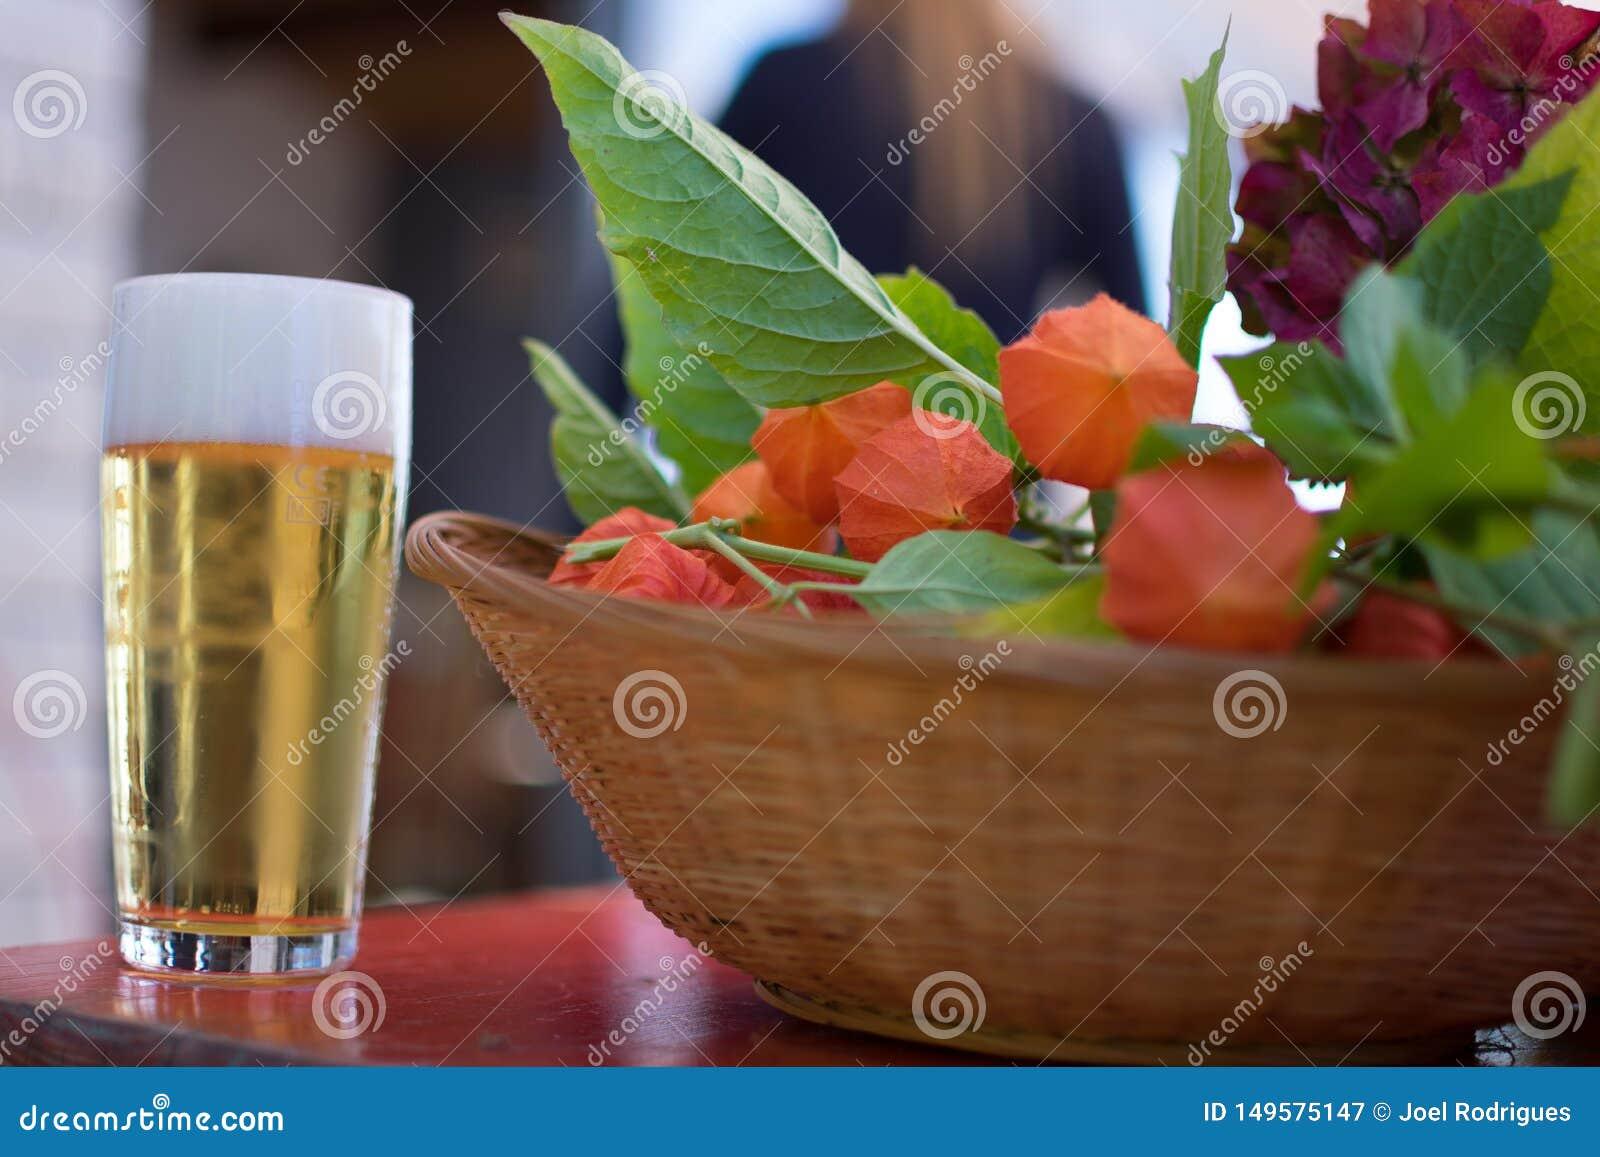 Scheidel, Luxemburg - September 8 2018: Vers glas bier naast een mand met physalisfruit